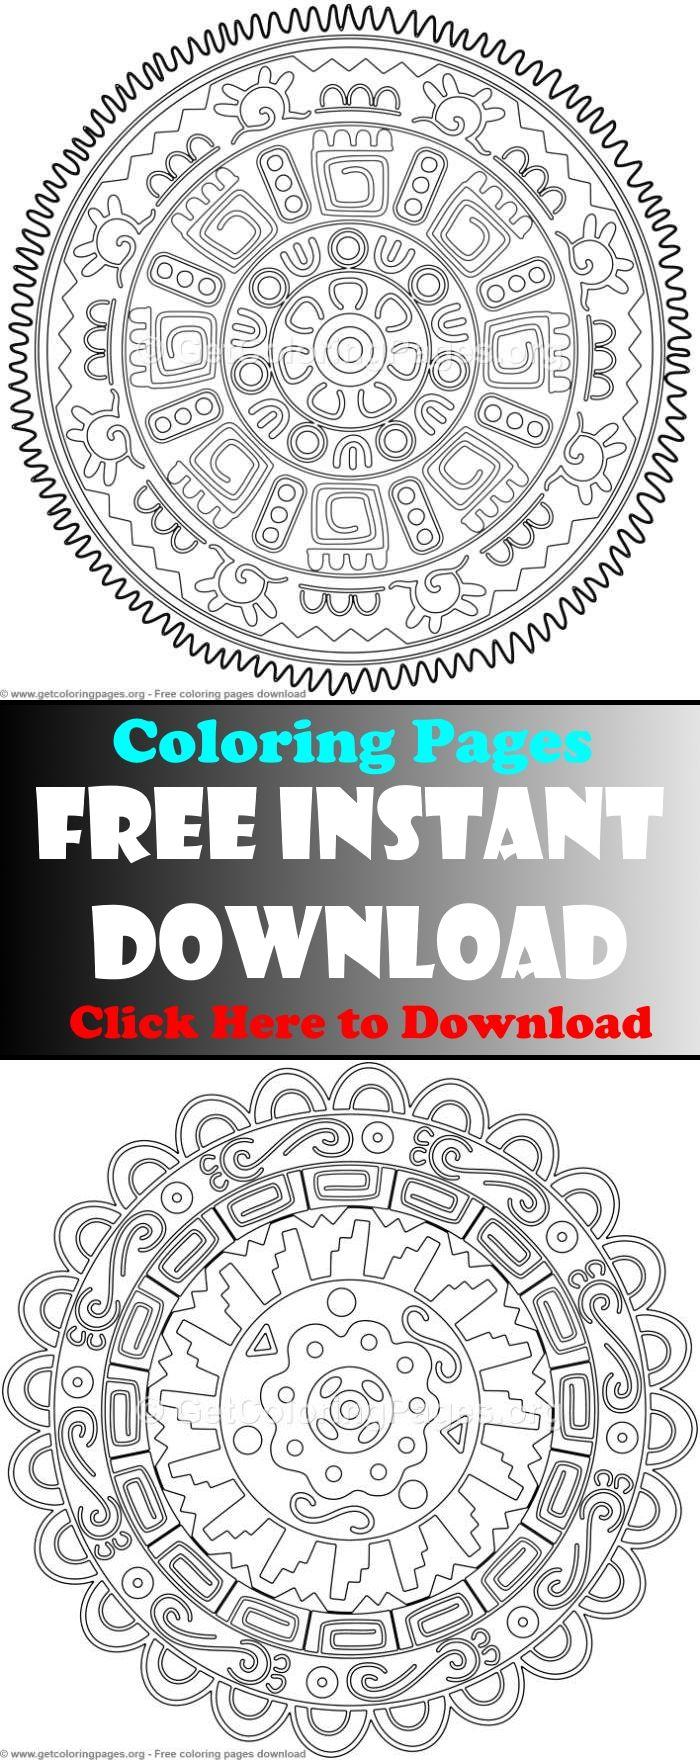 Mandala Coloring Pages Advanced Mandala Coloring Pages Mandala Coloring Pages For Kids Mandala Coloring Mandala Coloring Books Coloring Books Mandala Coloring